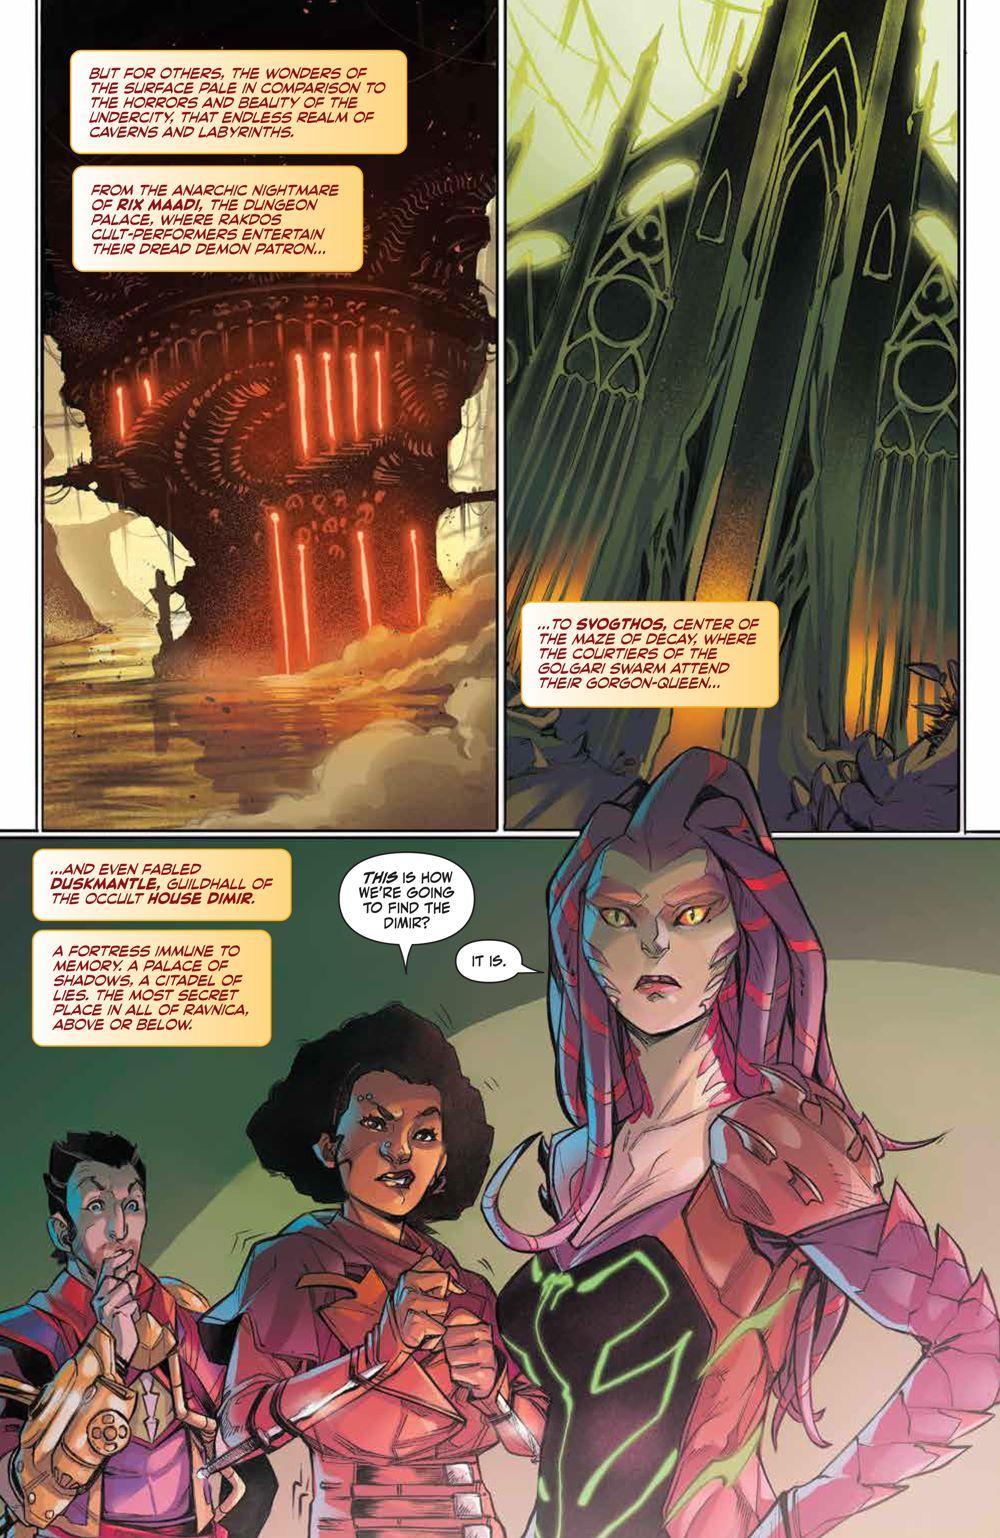 Magic_003_PRESS_4-1 ComicList Previews: MAGIC #3